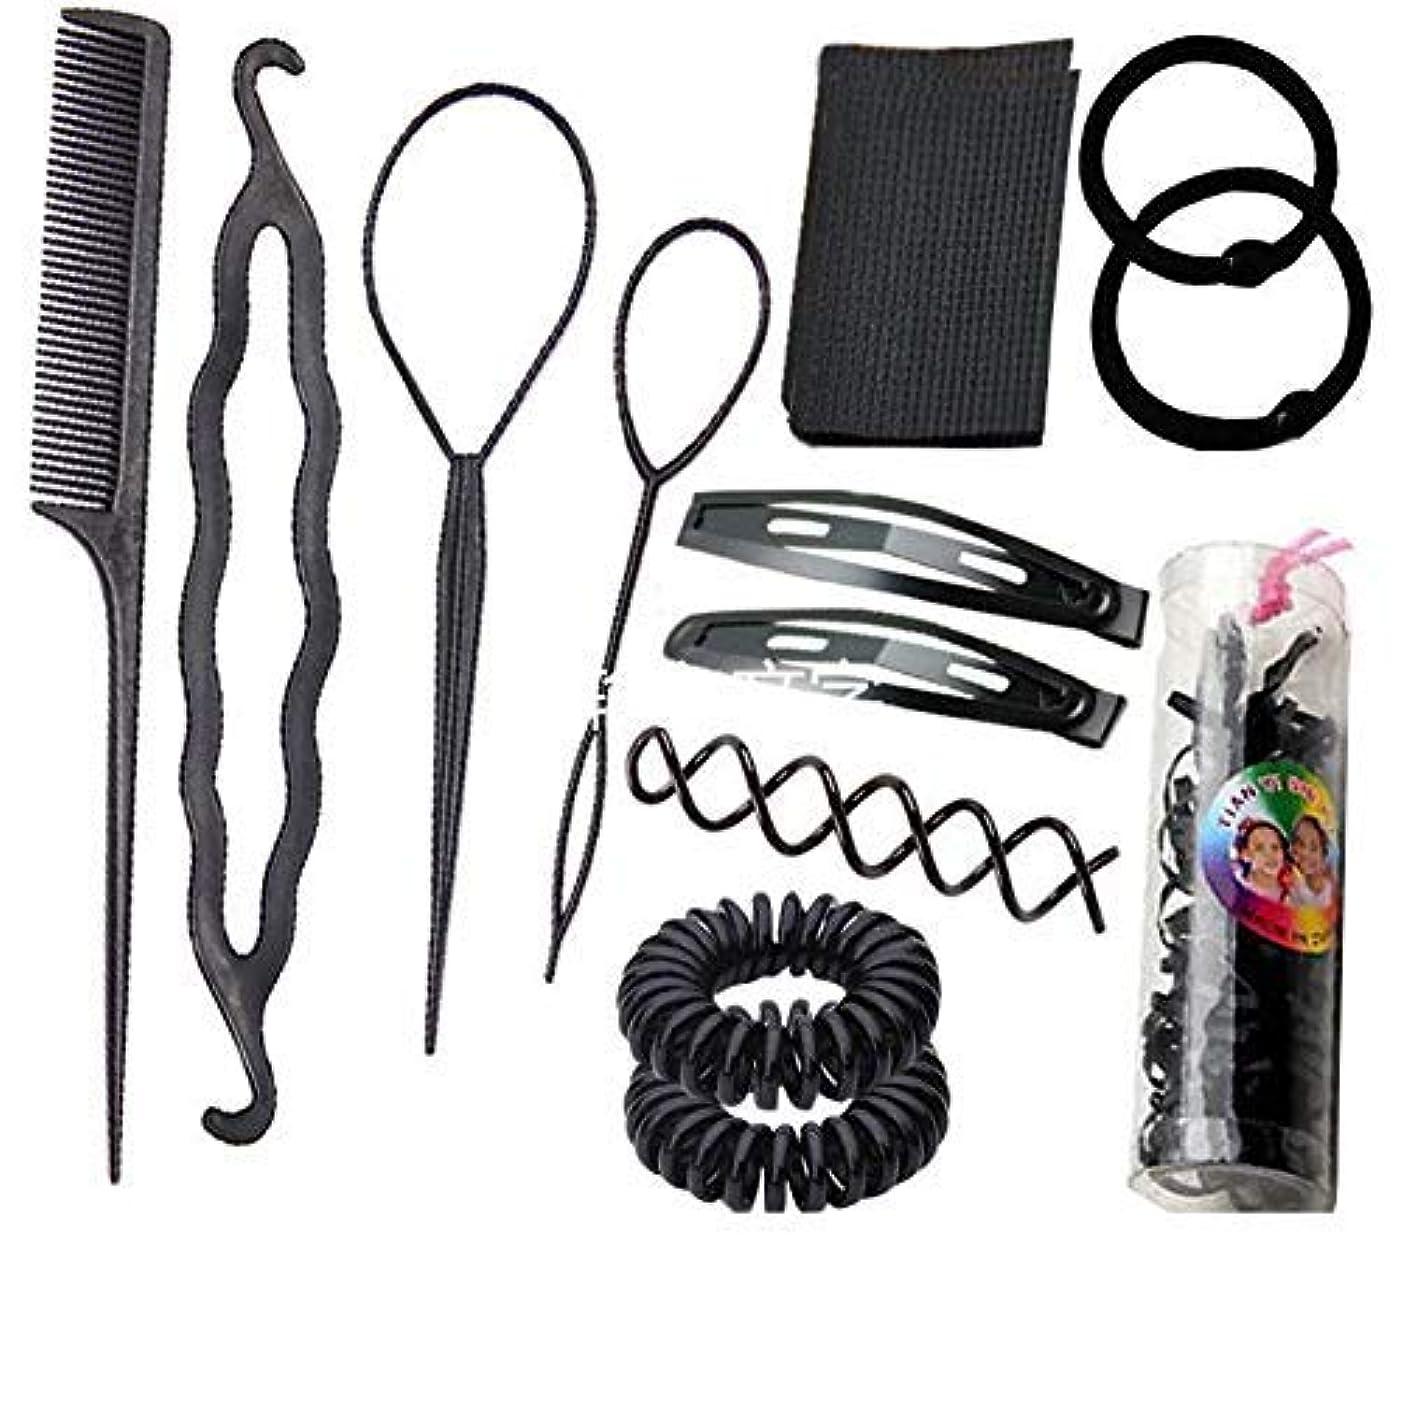 プレフィックスええ滑る1 Set Black 13 in 1 Hair Style Making Accessories Kits Hair Comb Metal Hairpins Hair Tools Hair Ropes Fringes...